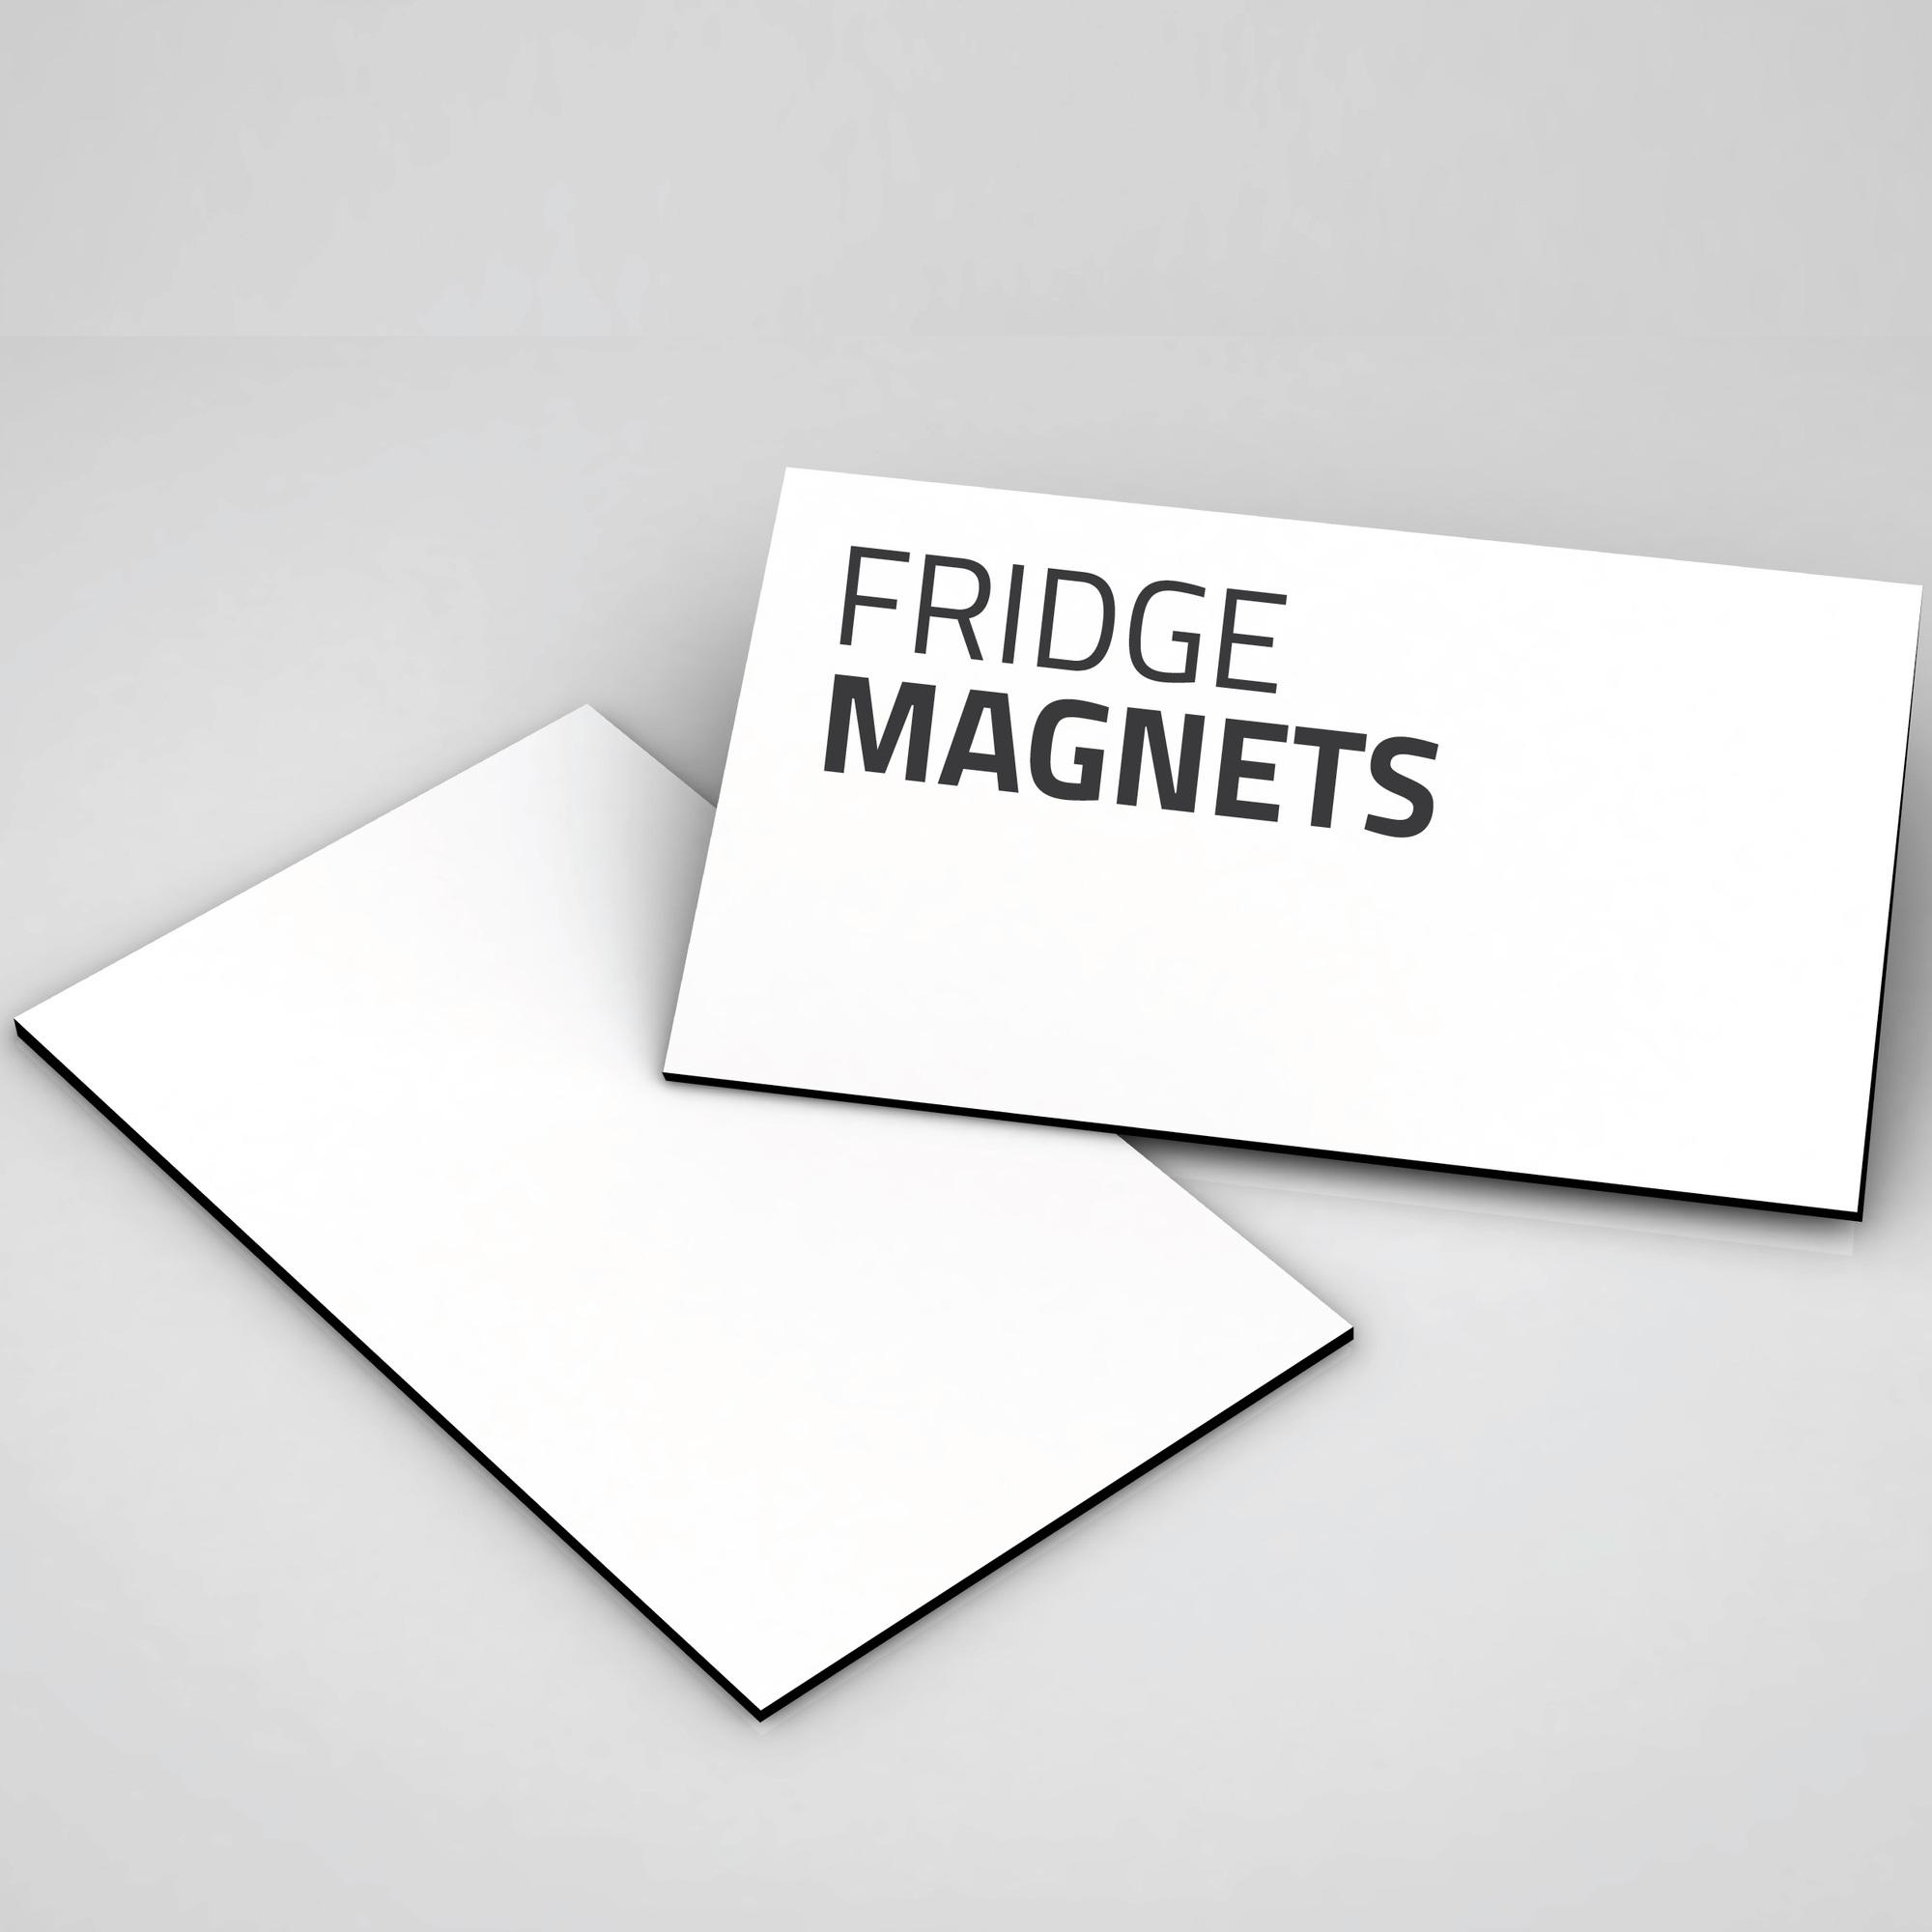 https://shop.copycatprint.com.au/images/products_gallery_images/COPYCAT_WEB_MAGNETS_GALLERY_IMAGES_MAR18-0187.jpg